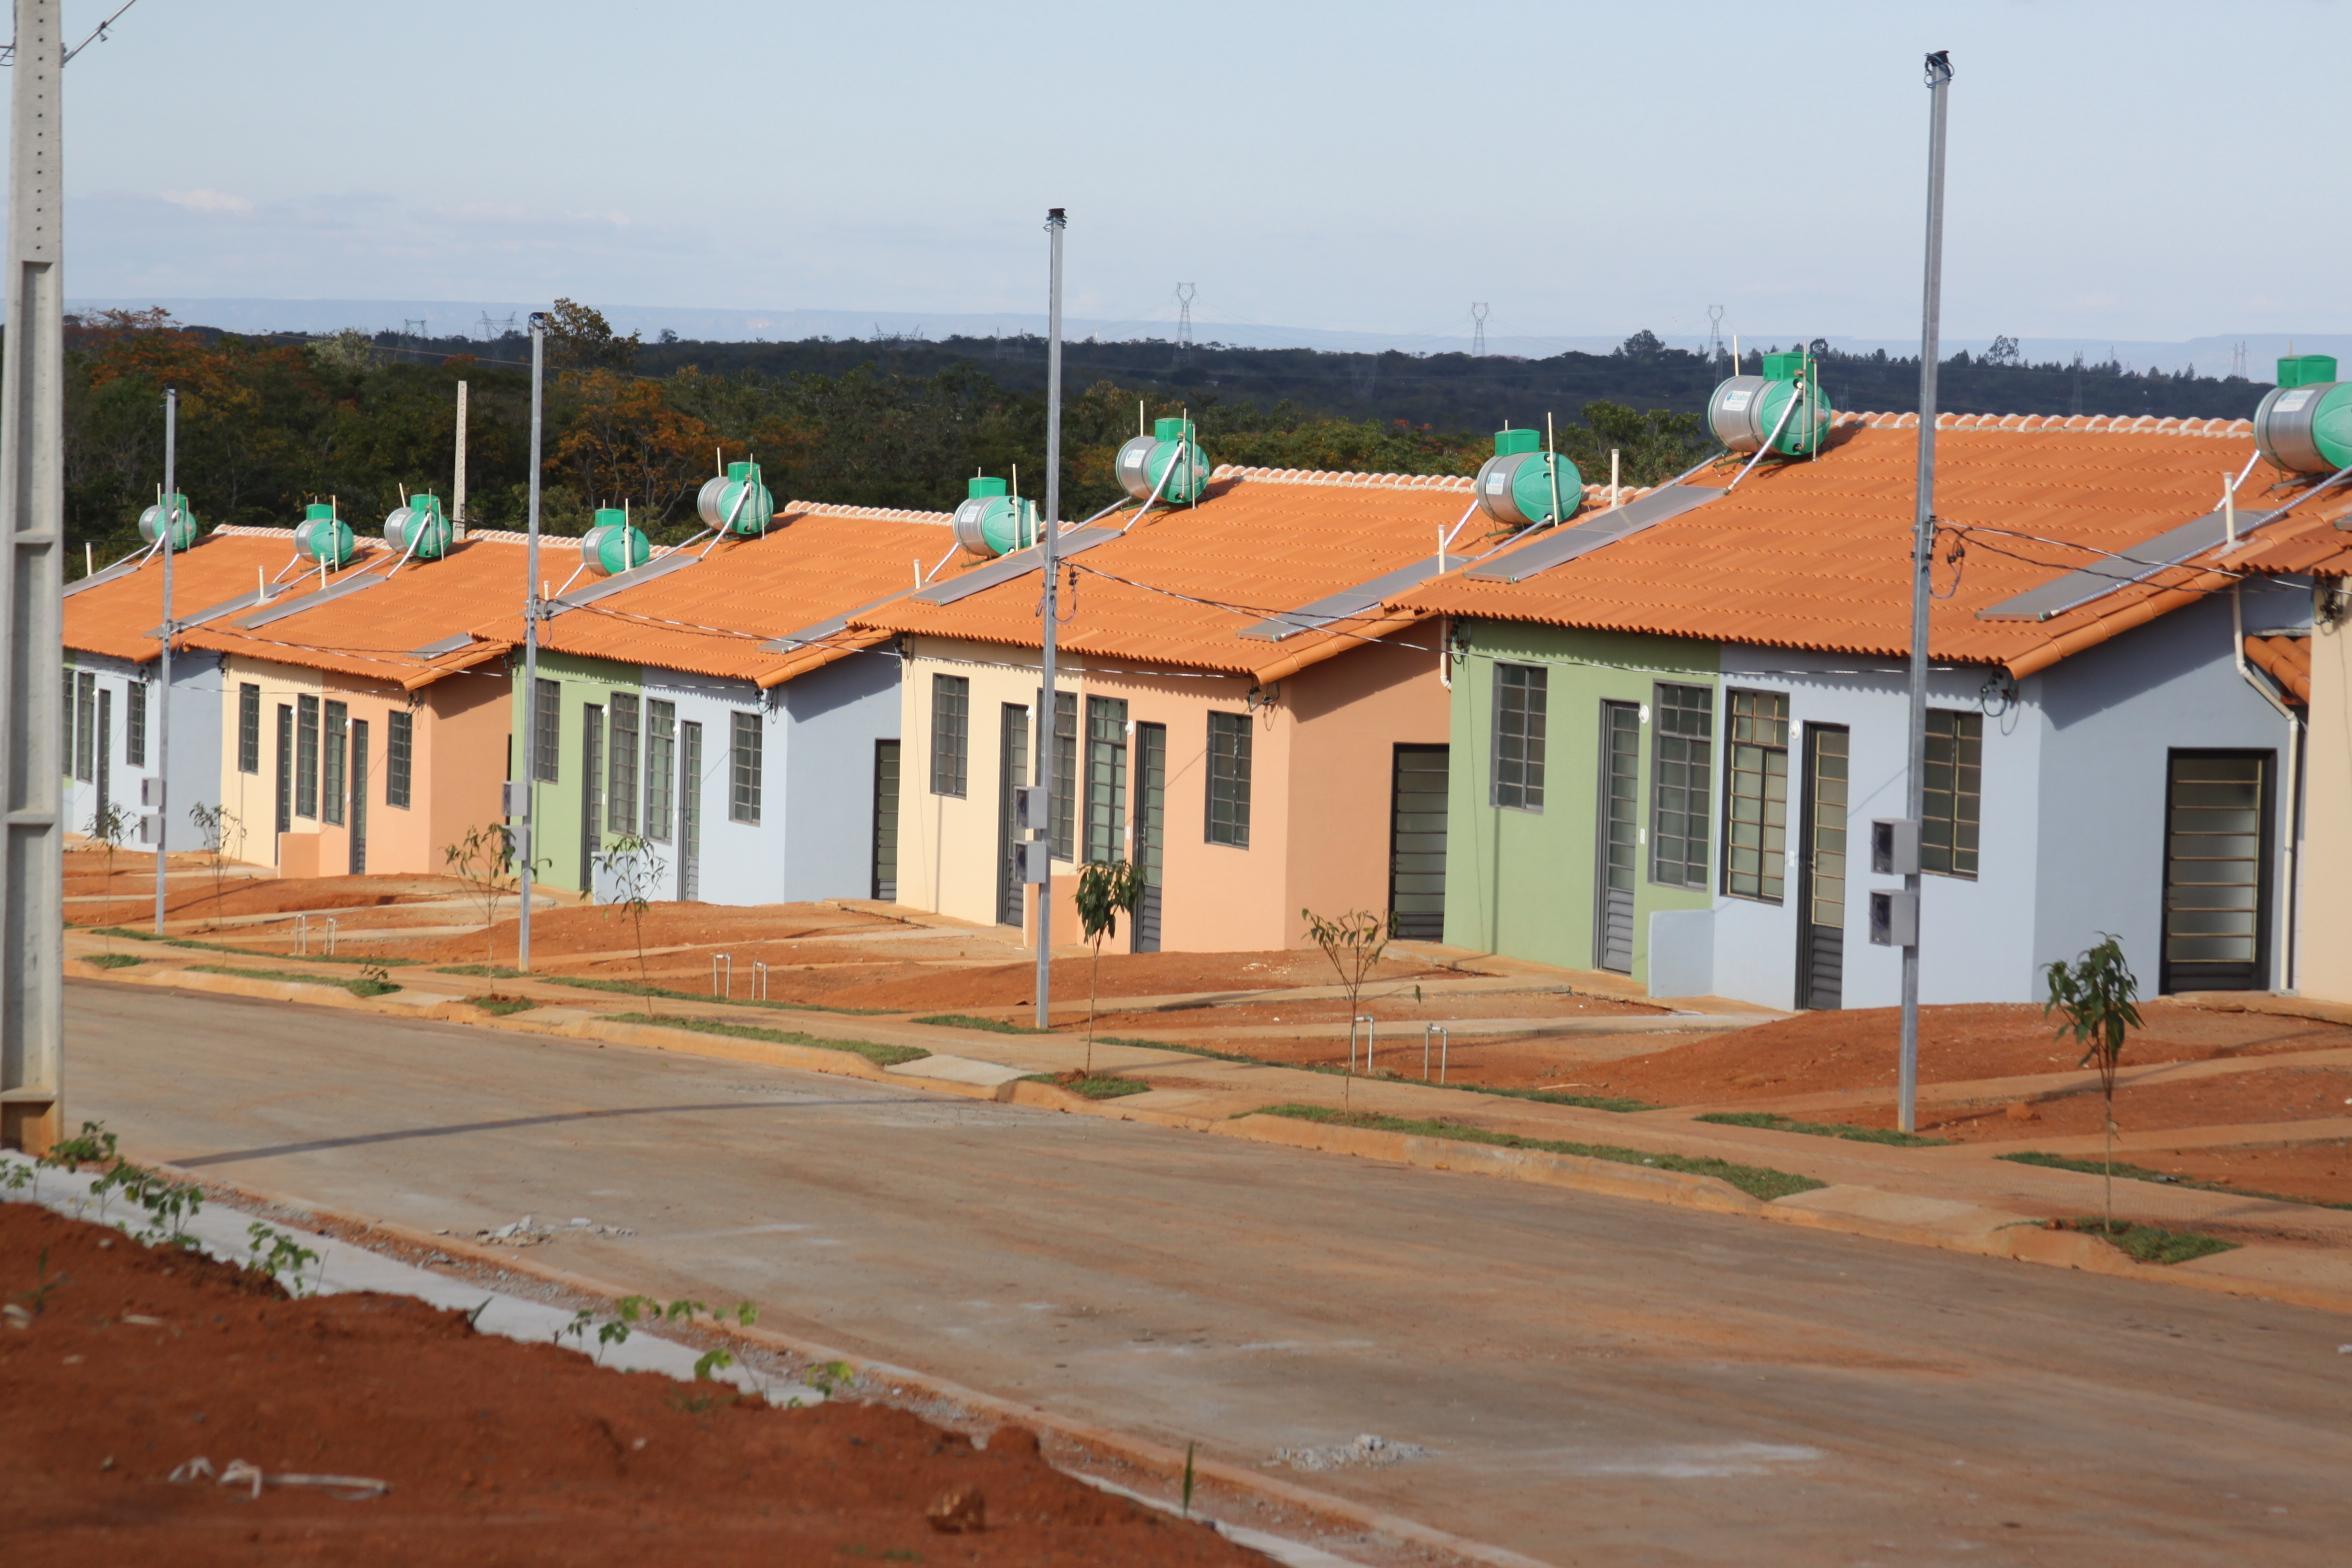 Imagem de destaque Mais de 1.100 famílias beneficiadas - Prefeitura vai construir Unidade de Saúde no Residencial Vitória